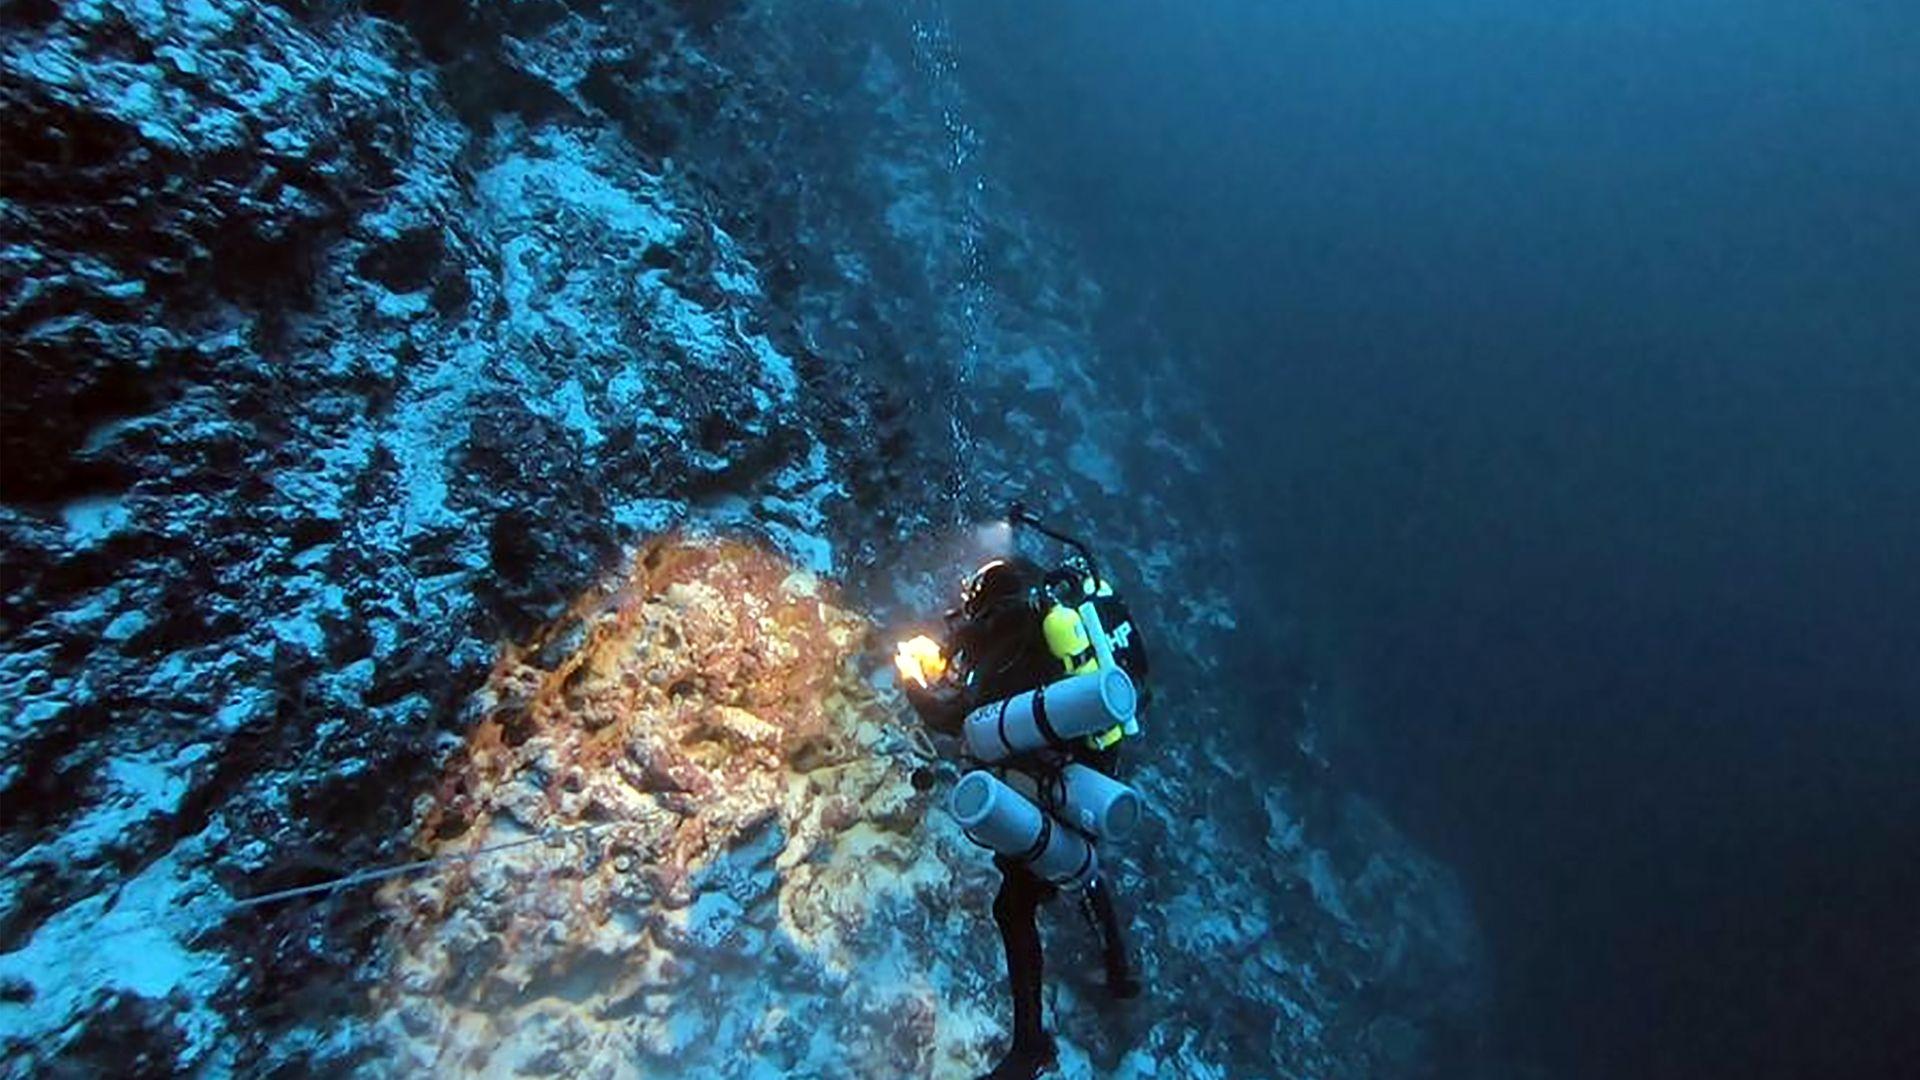 Um dos mergulhadores da equipe explorando um recife mesofótico  (de média luminosidade) em Fernando de Noronha